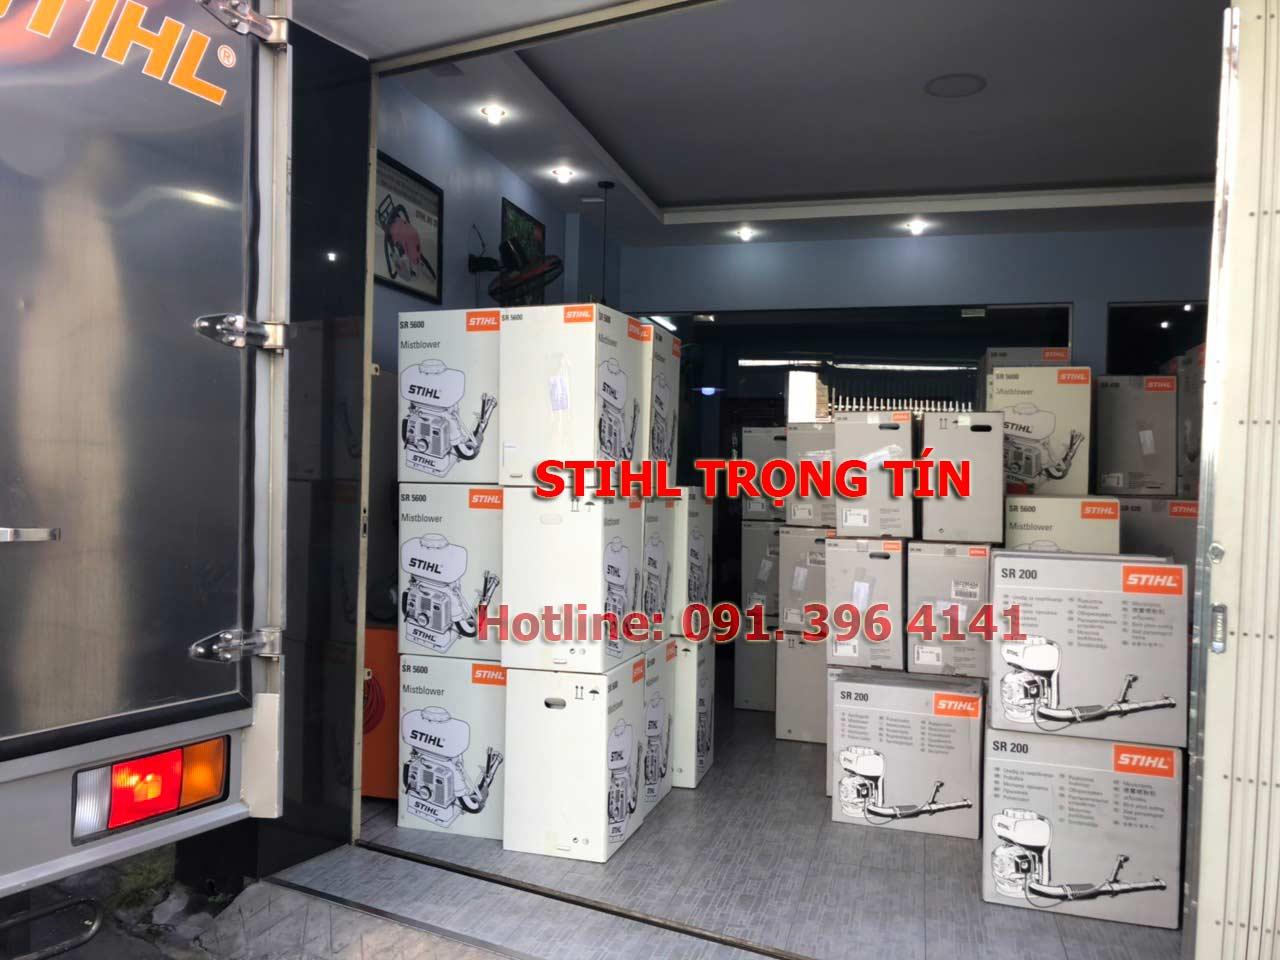 Trọng Tín cung cấp, bảo hành, sửa chữa chính hãng thiết bị stihl, máy móc diệt côn trùng